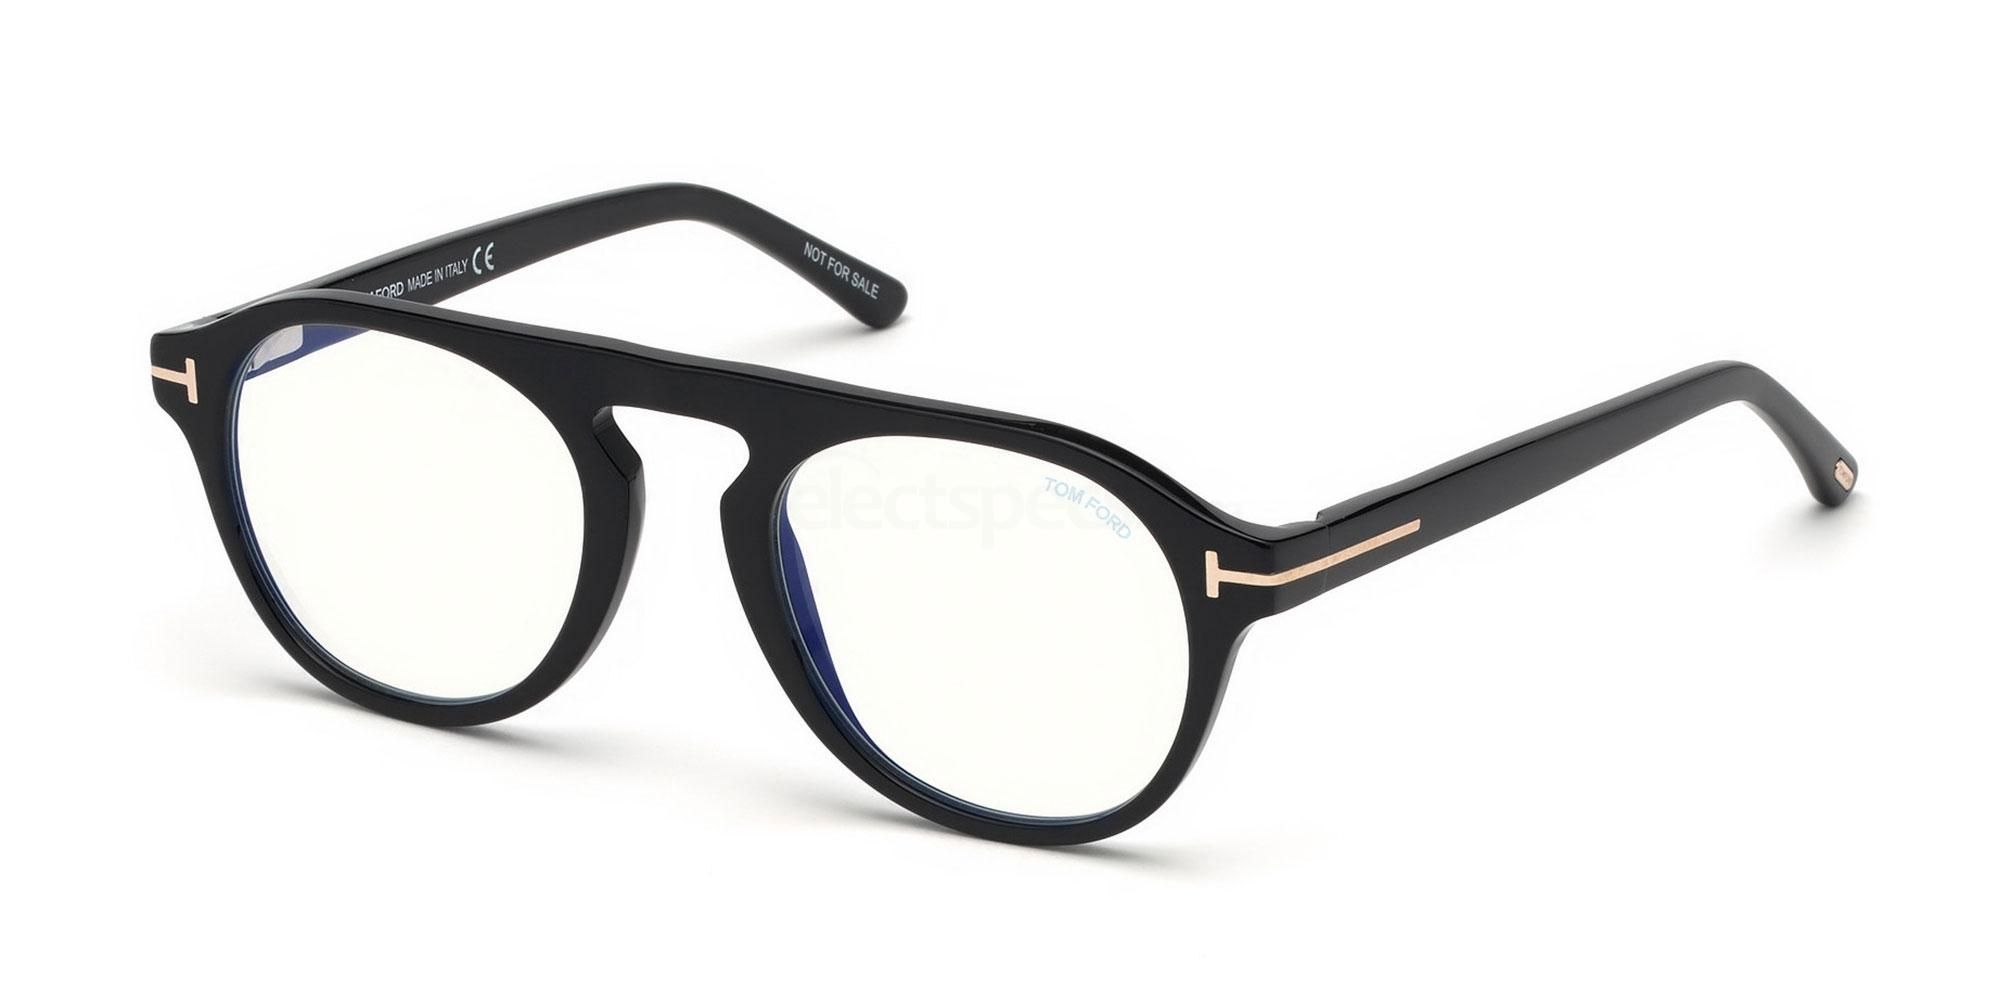 01V FT5533-B Glasses, Tom Ford